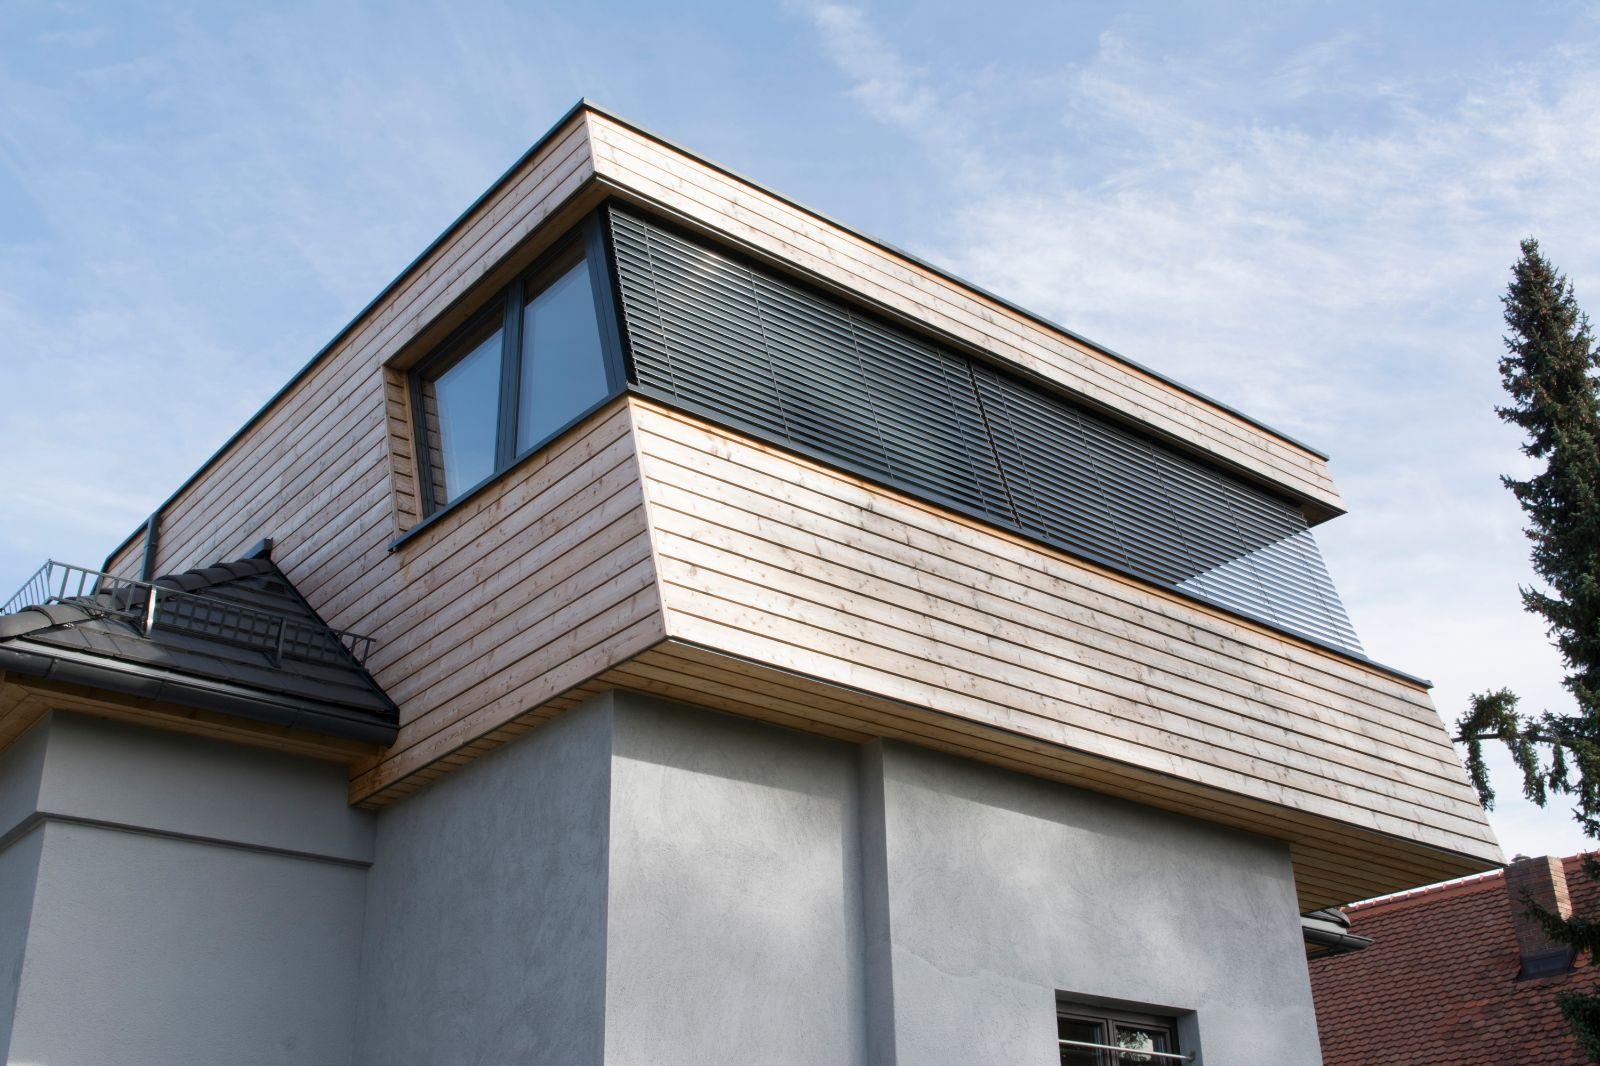 Dachgeschossausbau Haus Herbst_ Arne Böhm von aka-architektur